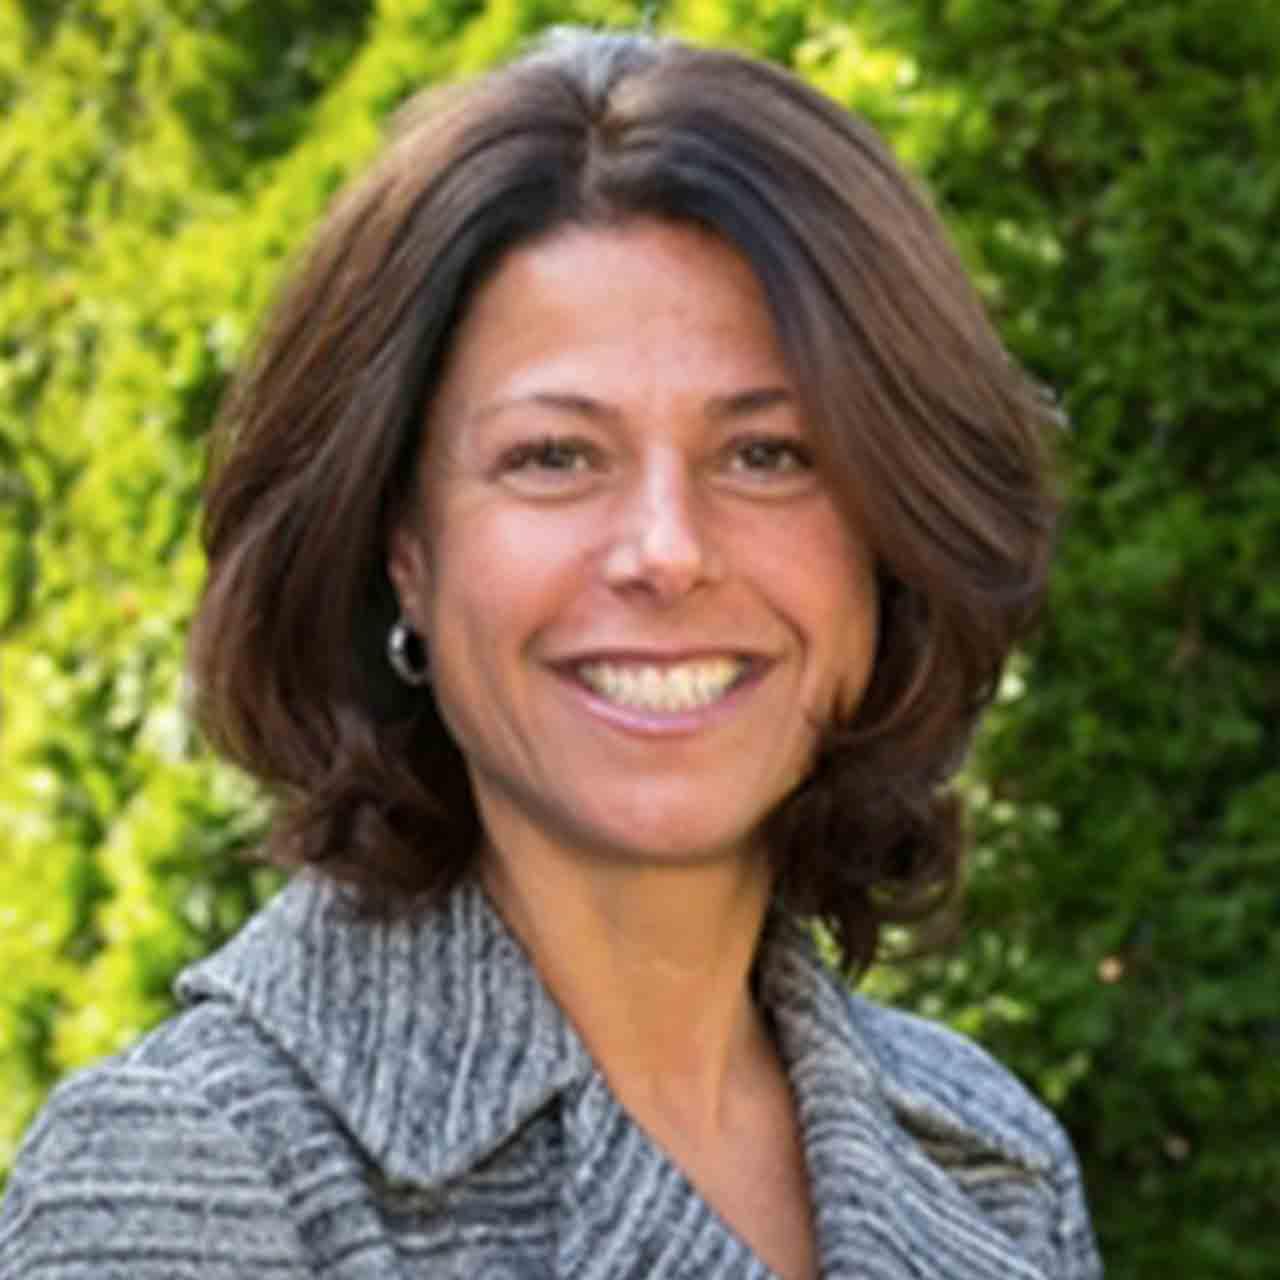 Kristin L. Millen